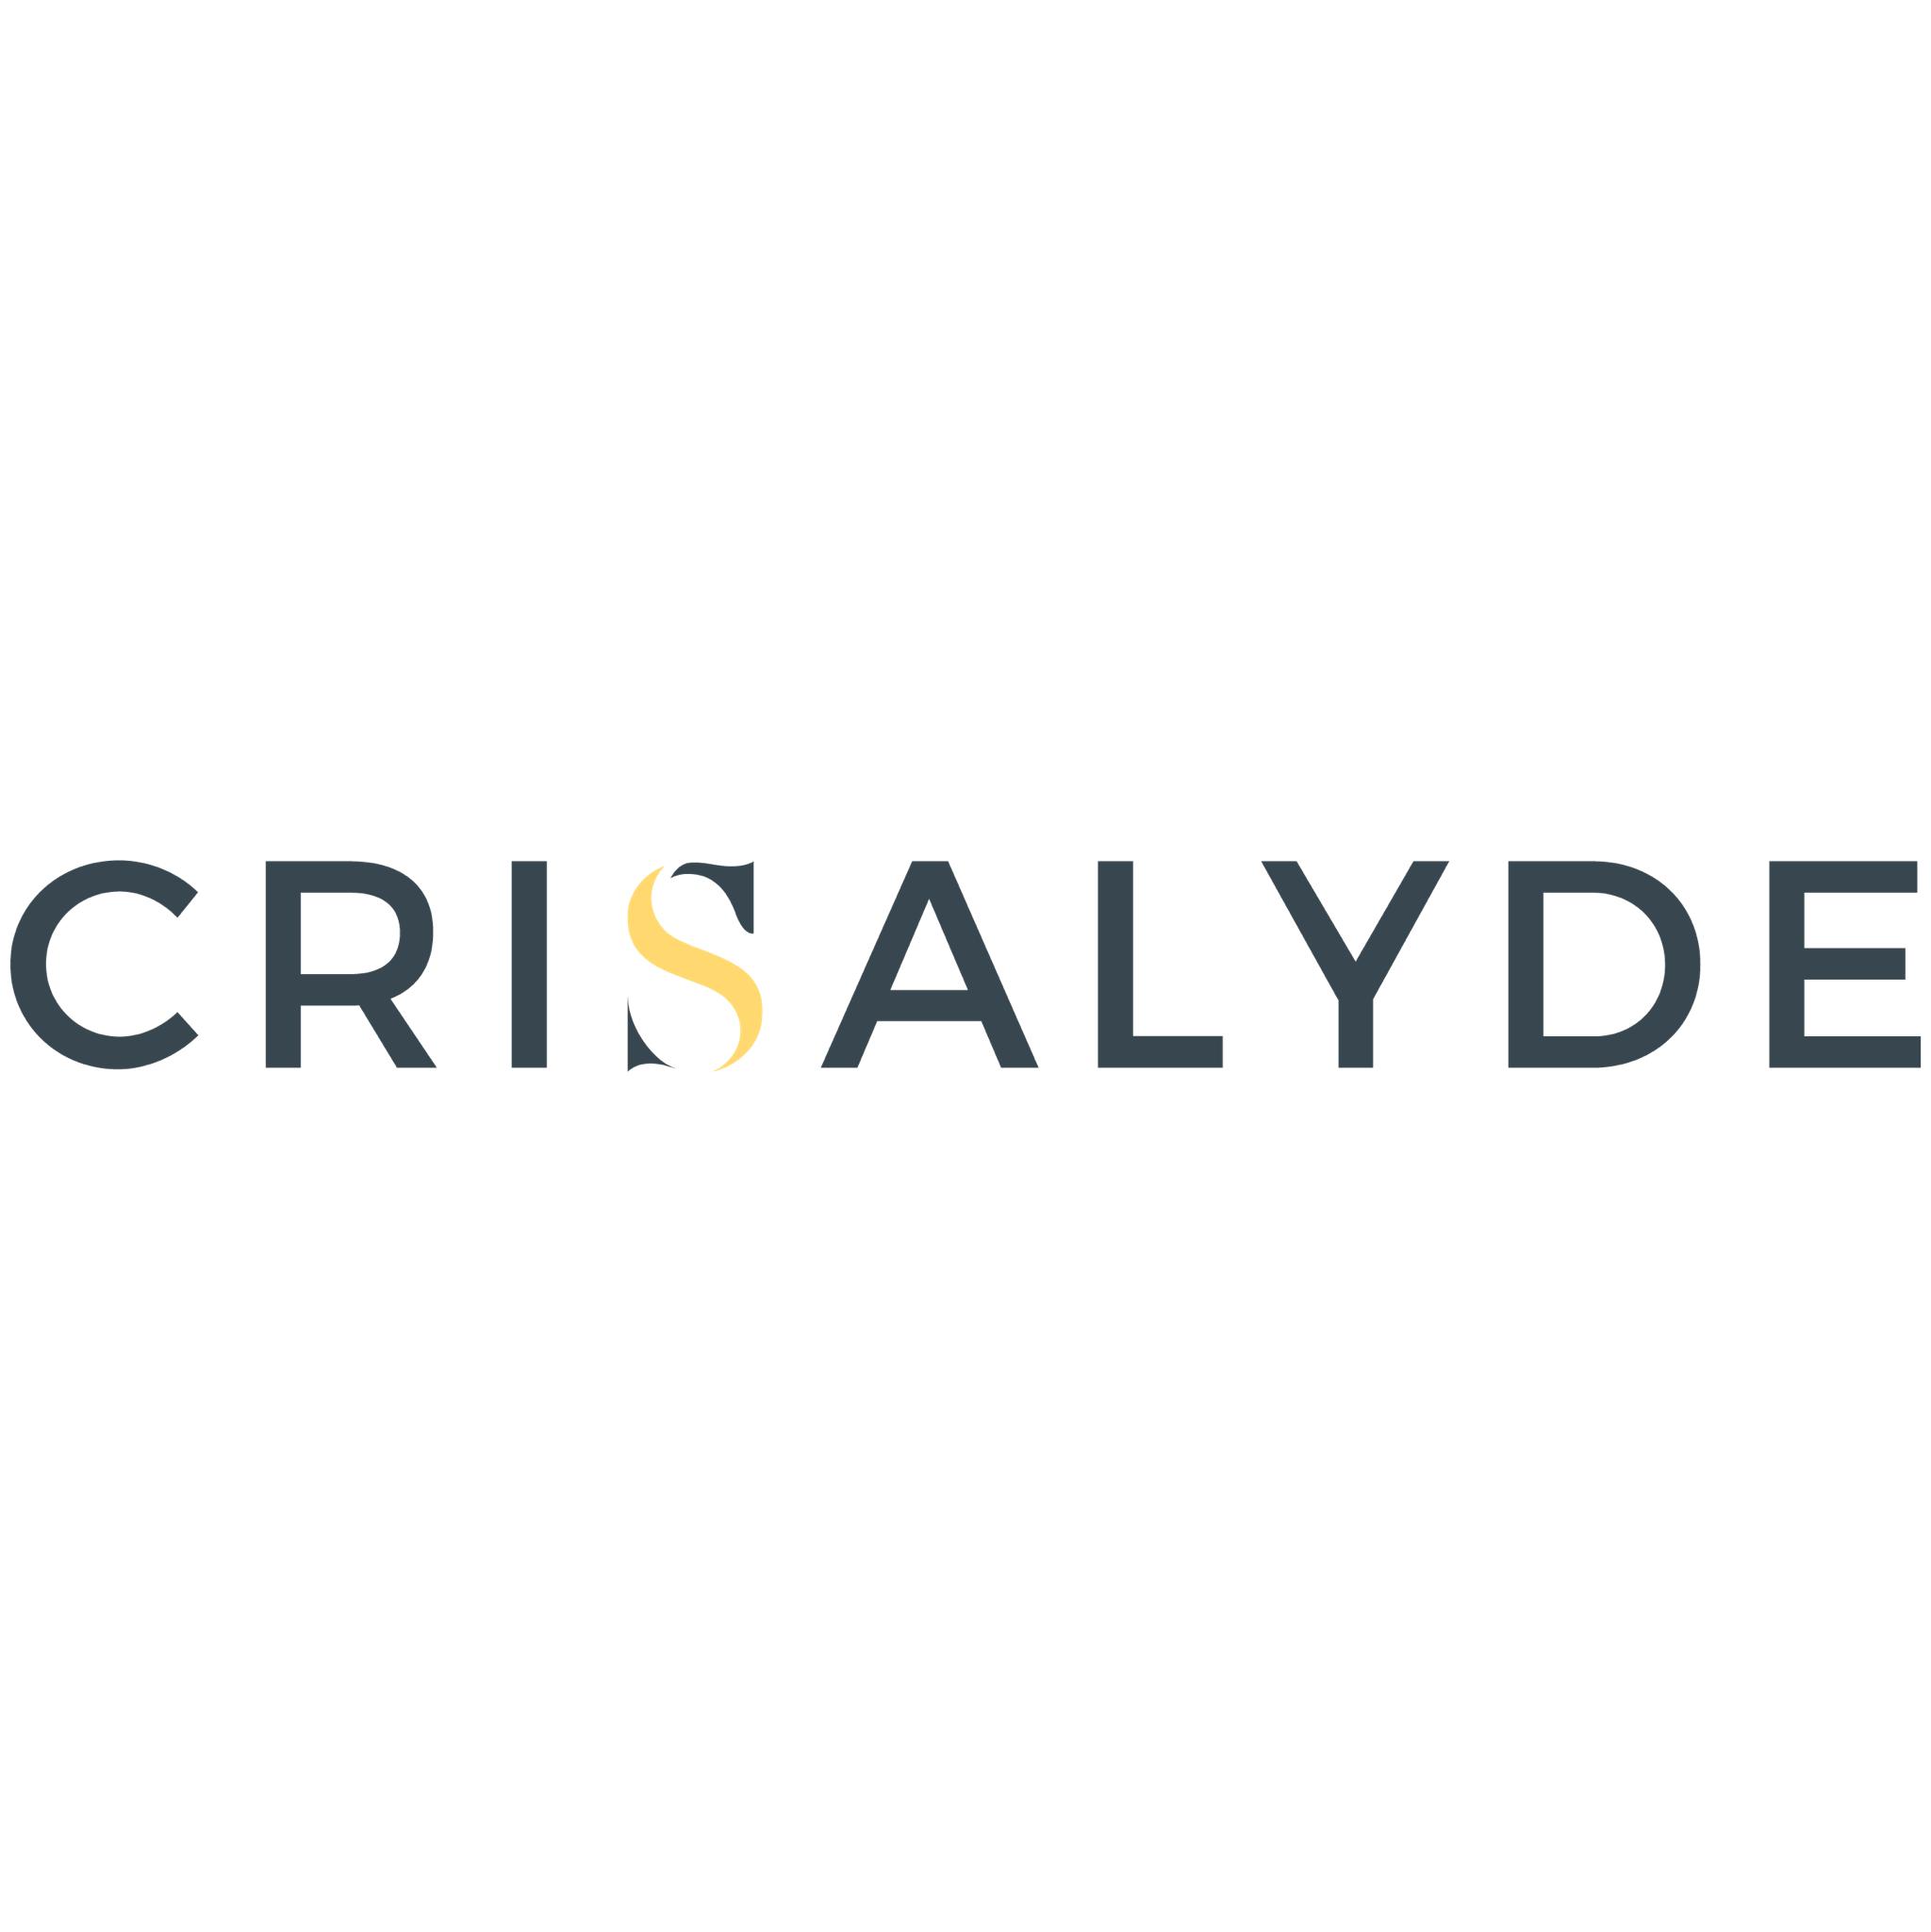 Focus : CRISALYDE, avec vous le jour de la crise